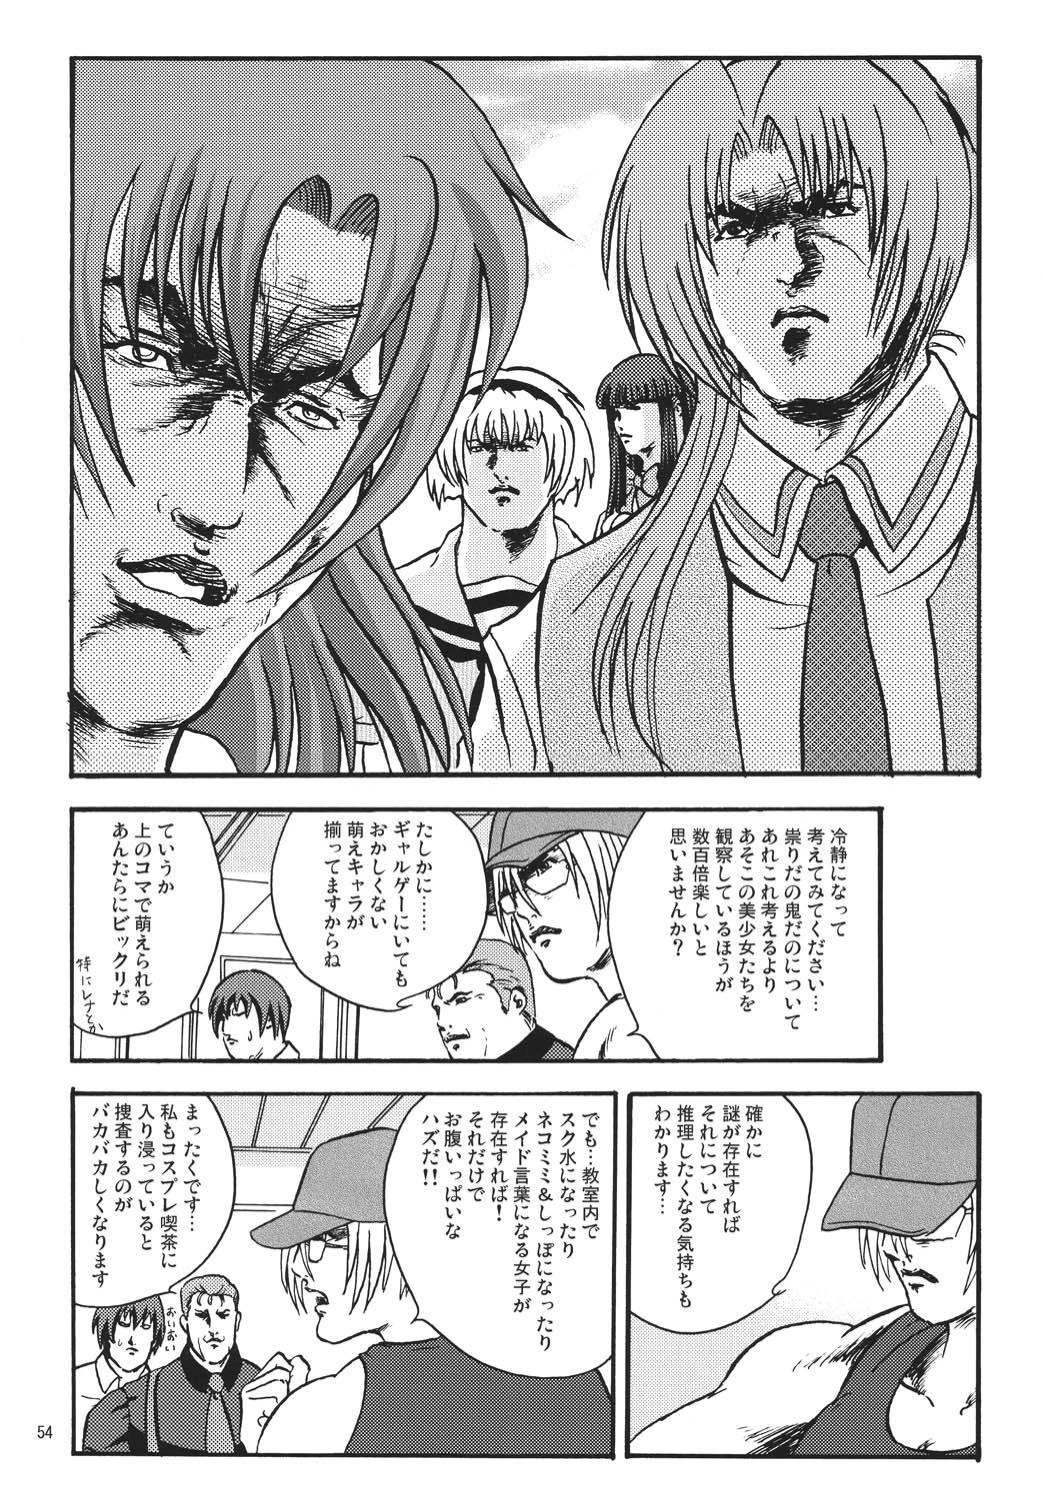 Miwaku 52